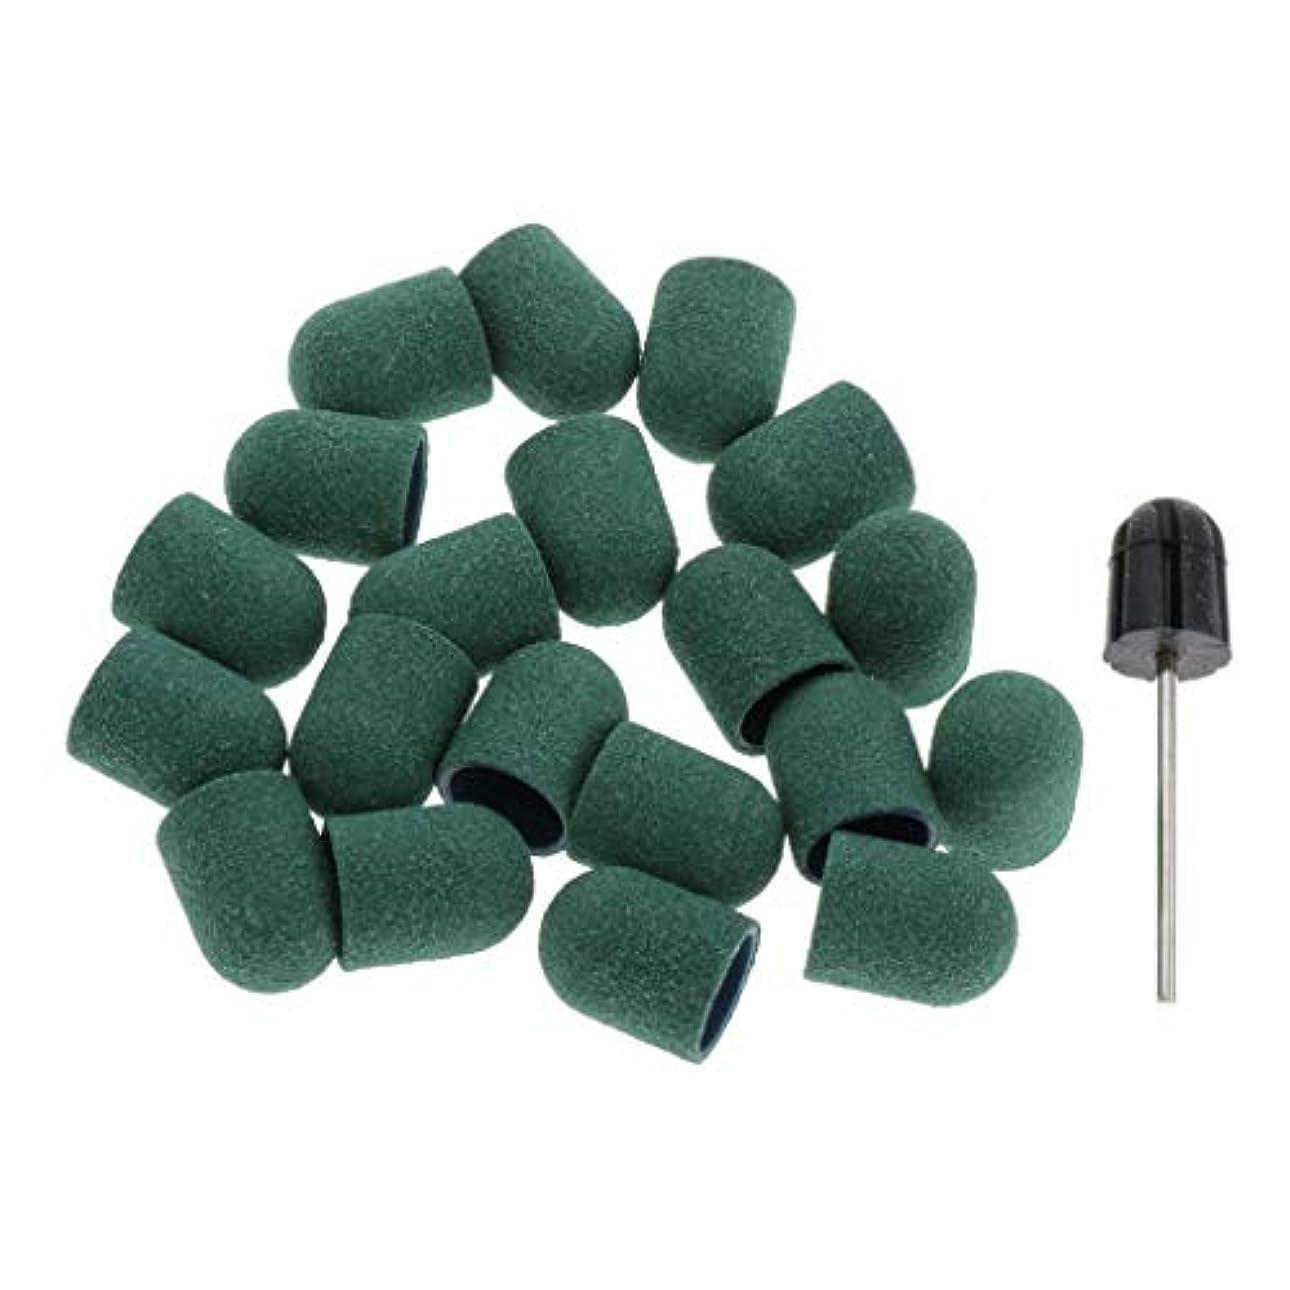 ミキサー圧縮されたメカニックT TOOYFUL ネイル ドリルビットバフ 研削ビットバフ 研磨ビットキャップ サンドペーパー素材 約20本 全5カラー - 緑